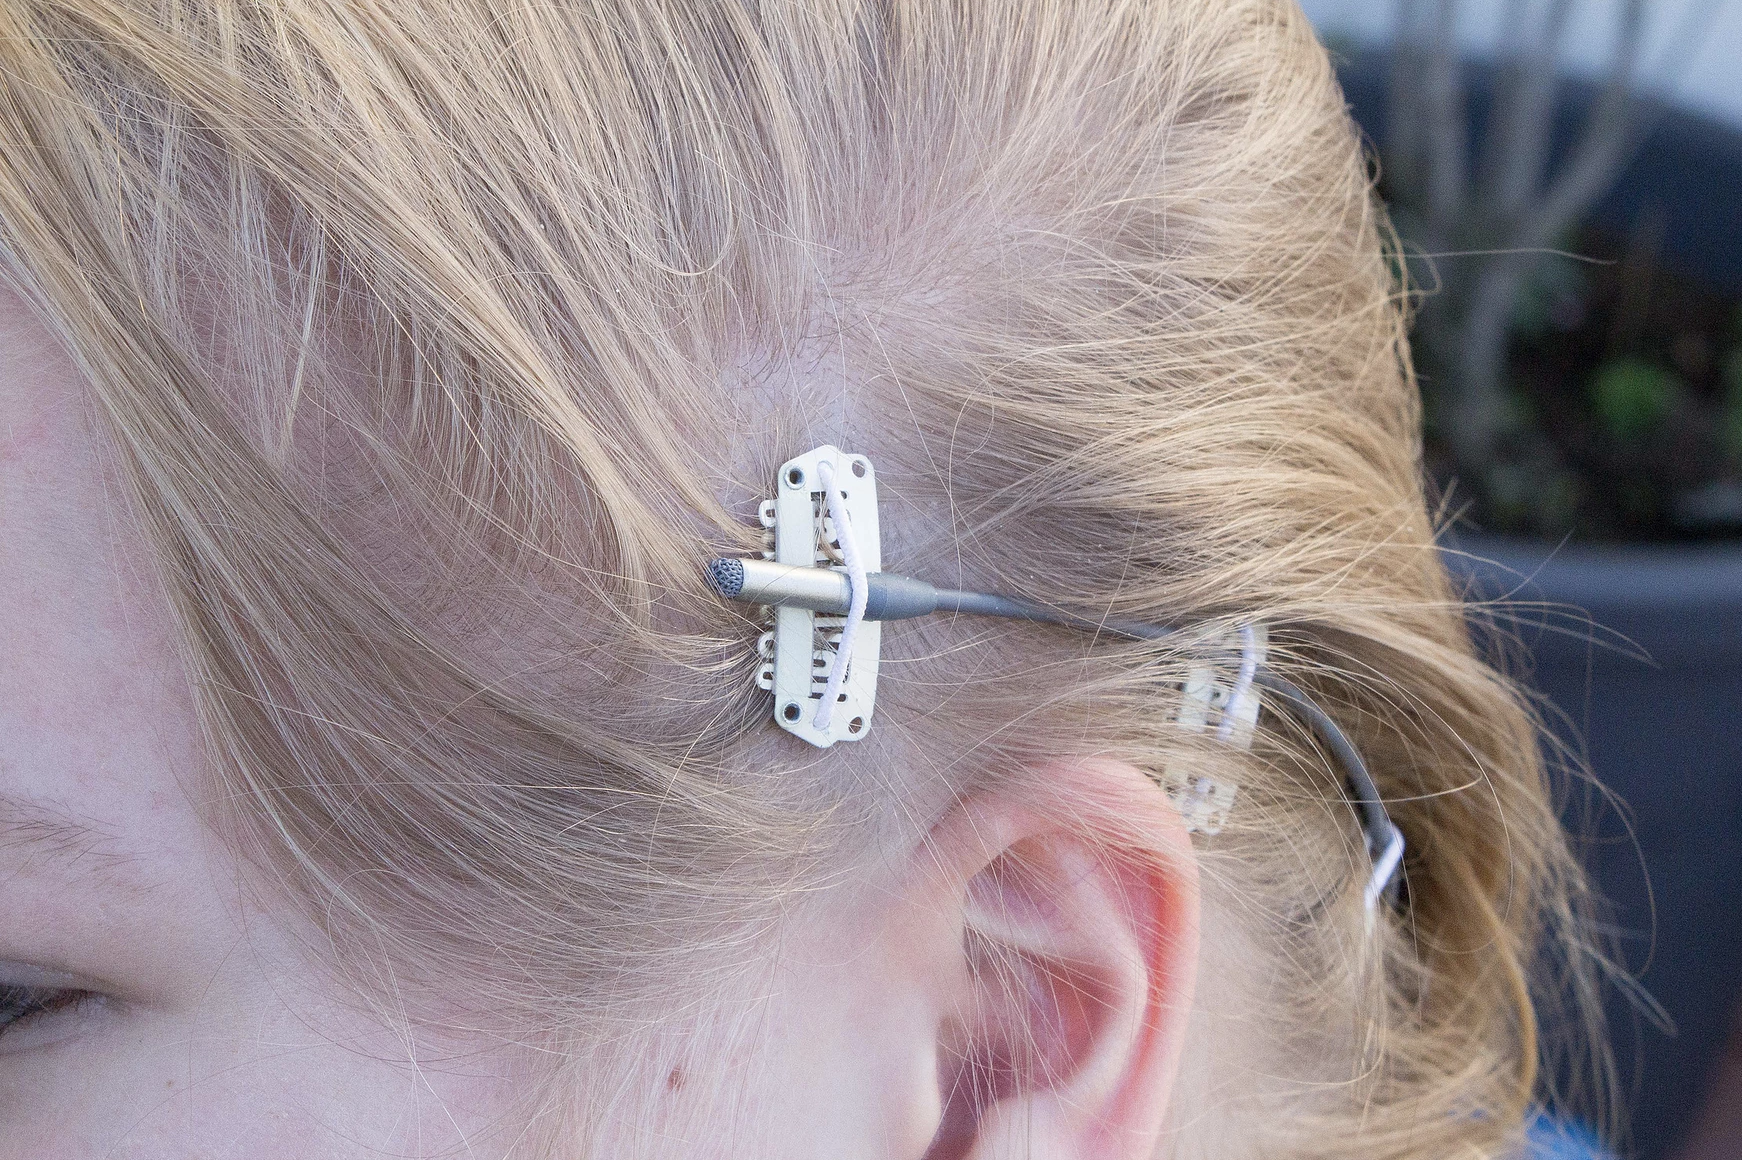 Comment Cacher Ses Cables cacher un micro dans ses cheveux avec clipz - lightyshare